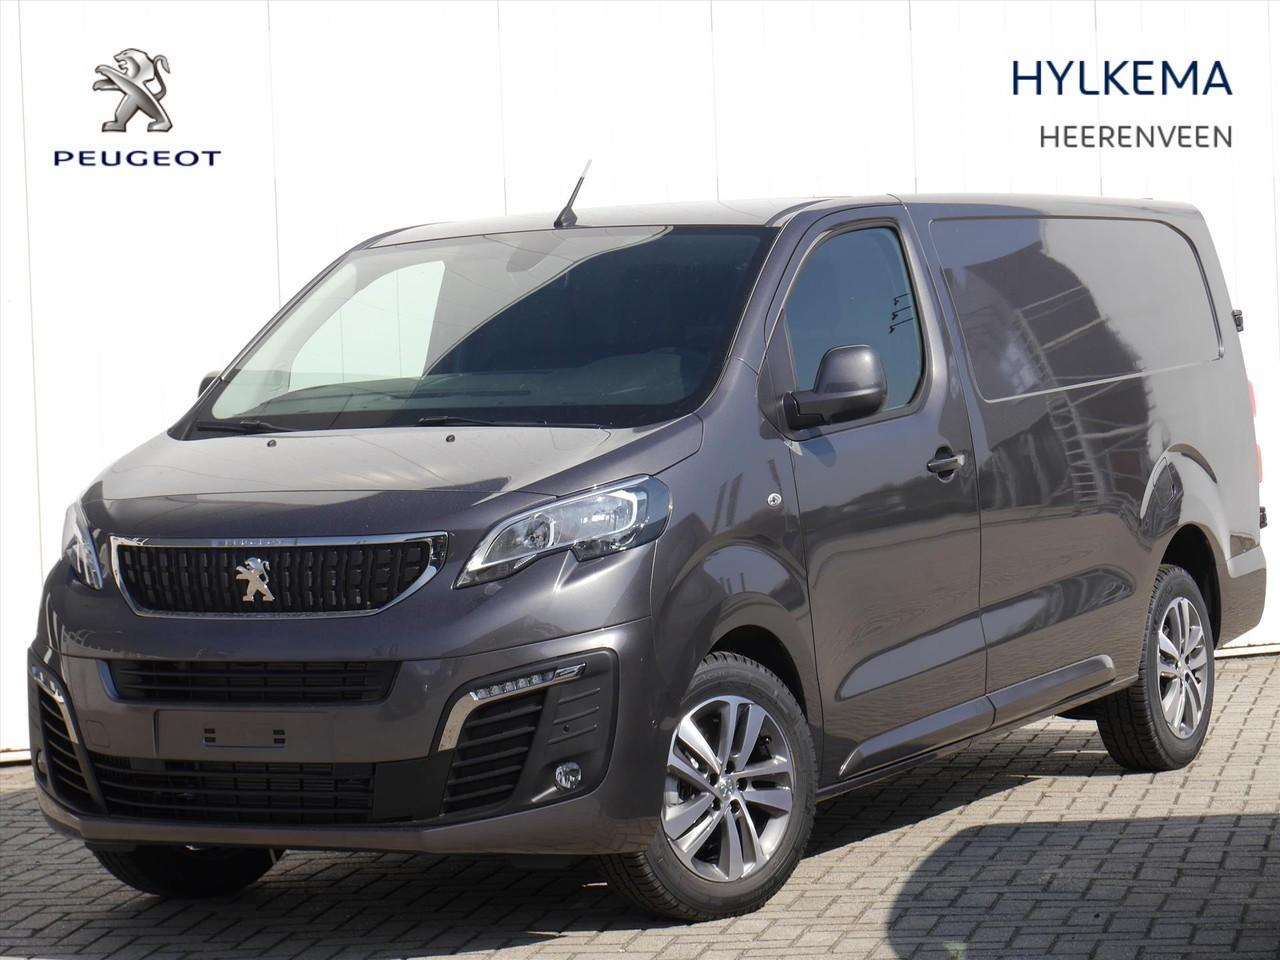 Peugeot Expert L3 2.0 hdi 120pk premium pack